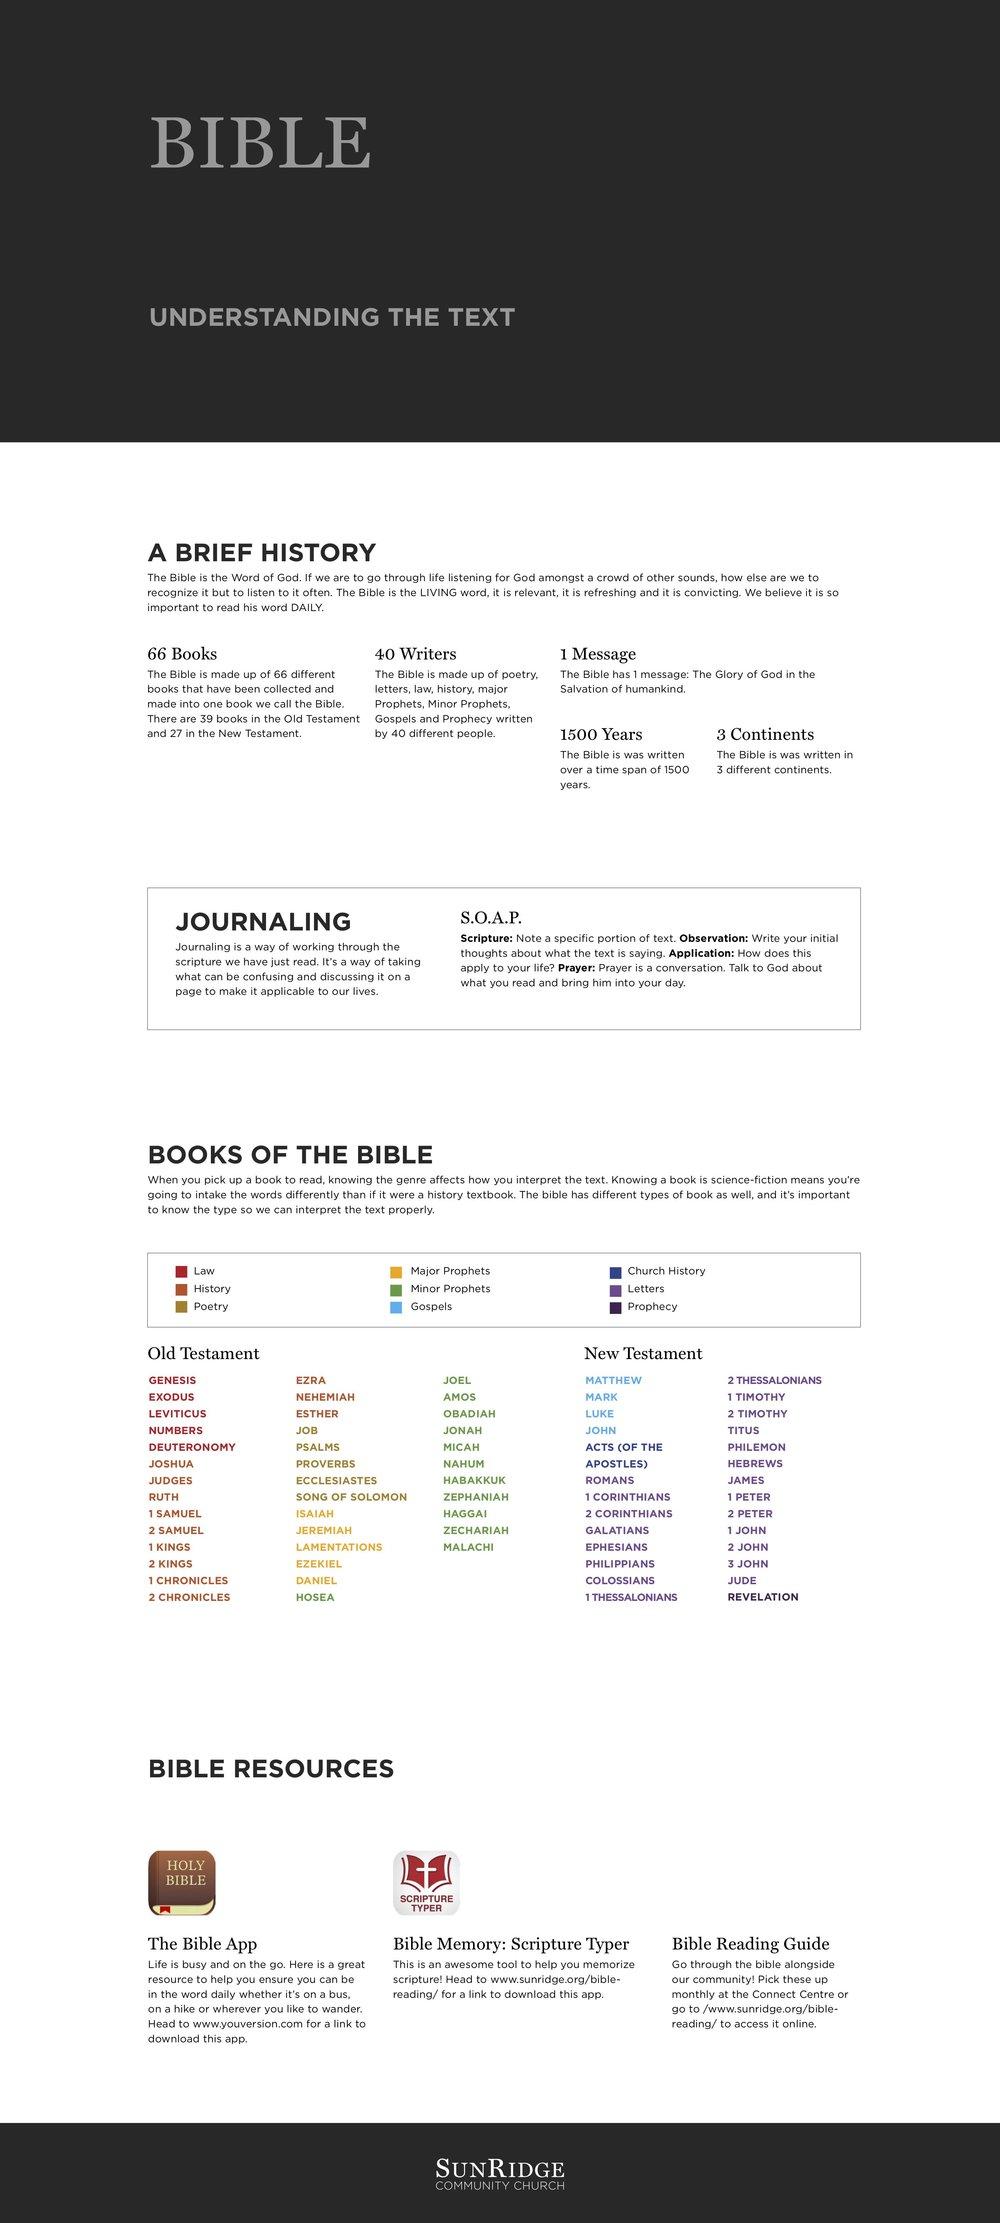 SR - Bible Card Digital - 1.3.jpg